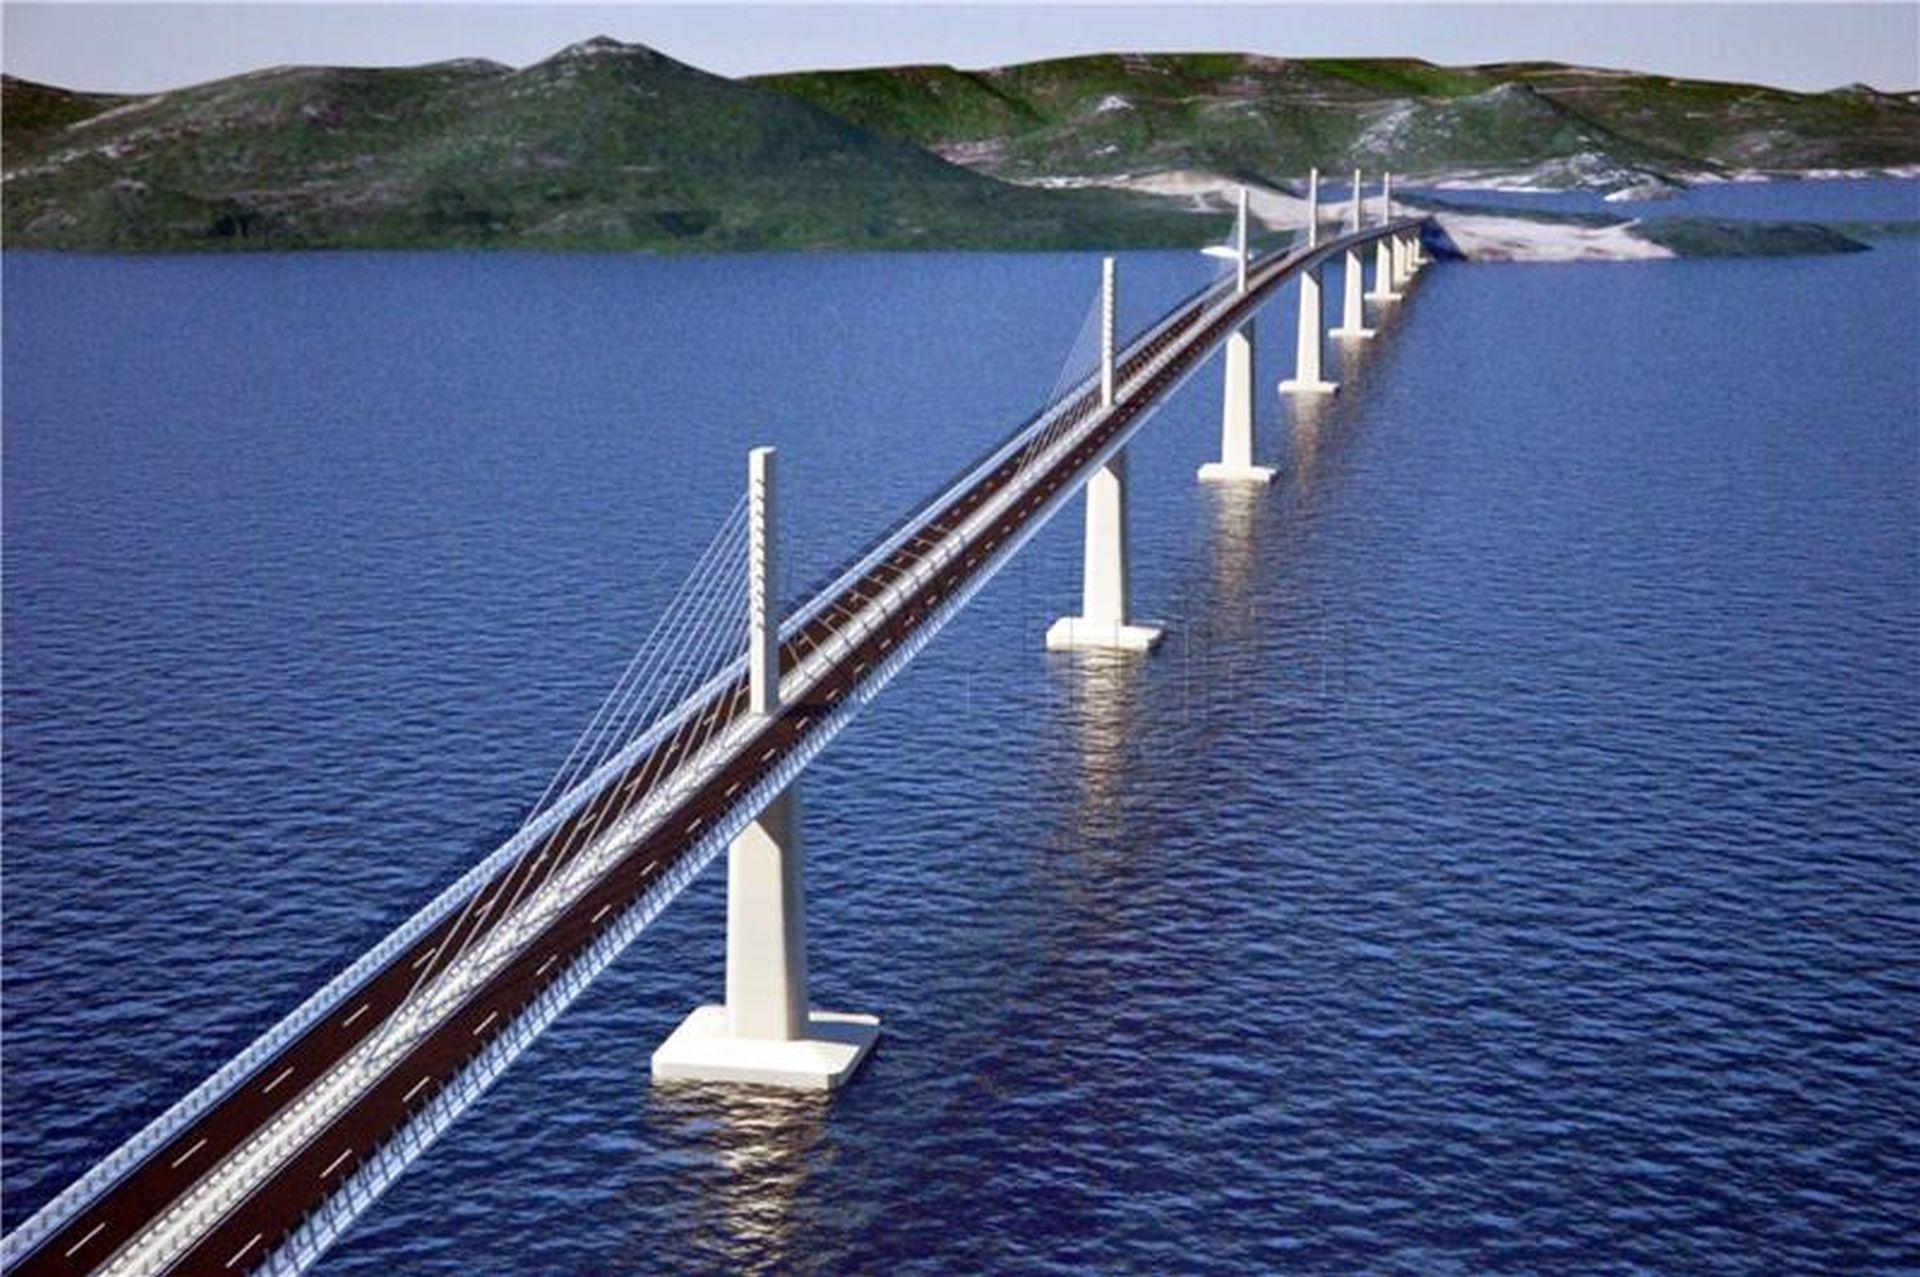 Zvizdić predlaže da pitanje Pelješkog mosta riješe stručni timovi dviju zemalja uz pomoć EK-a